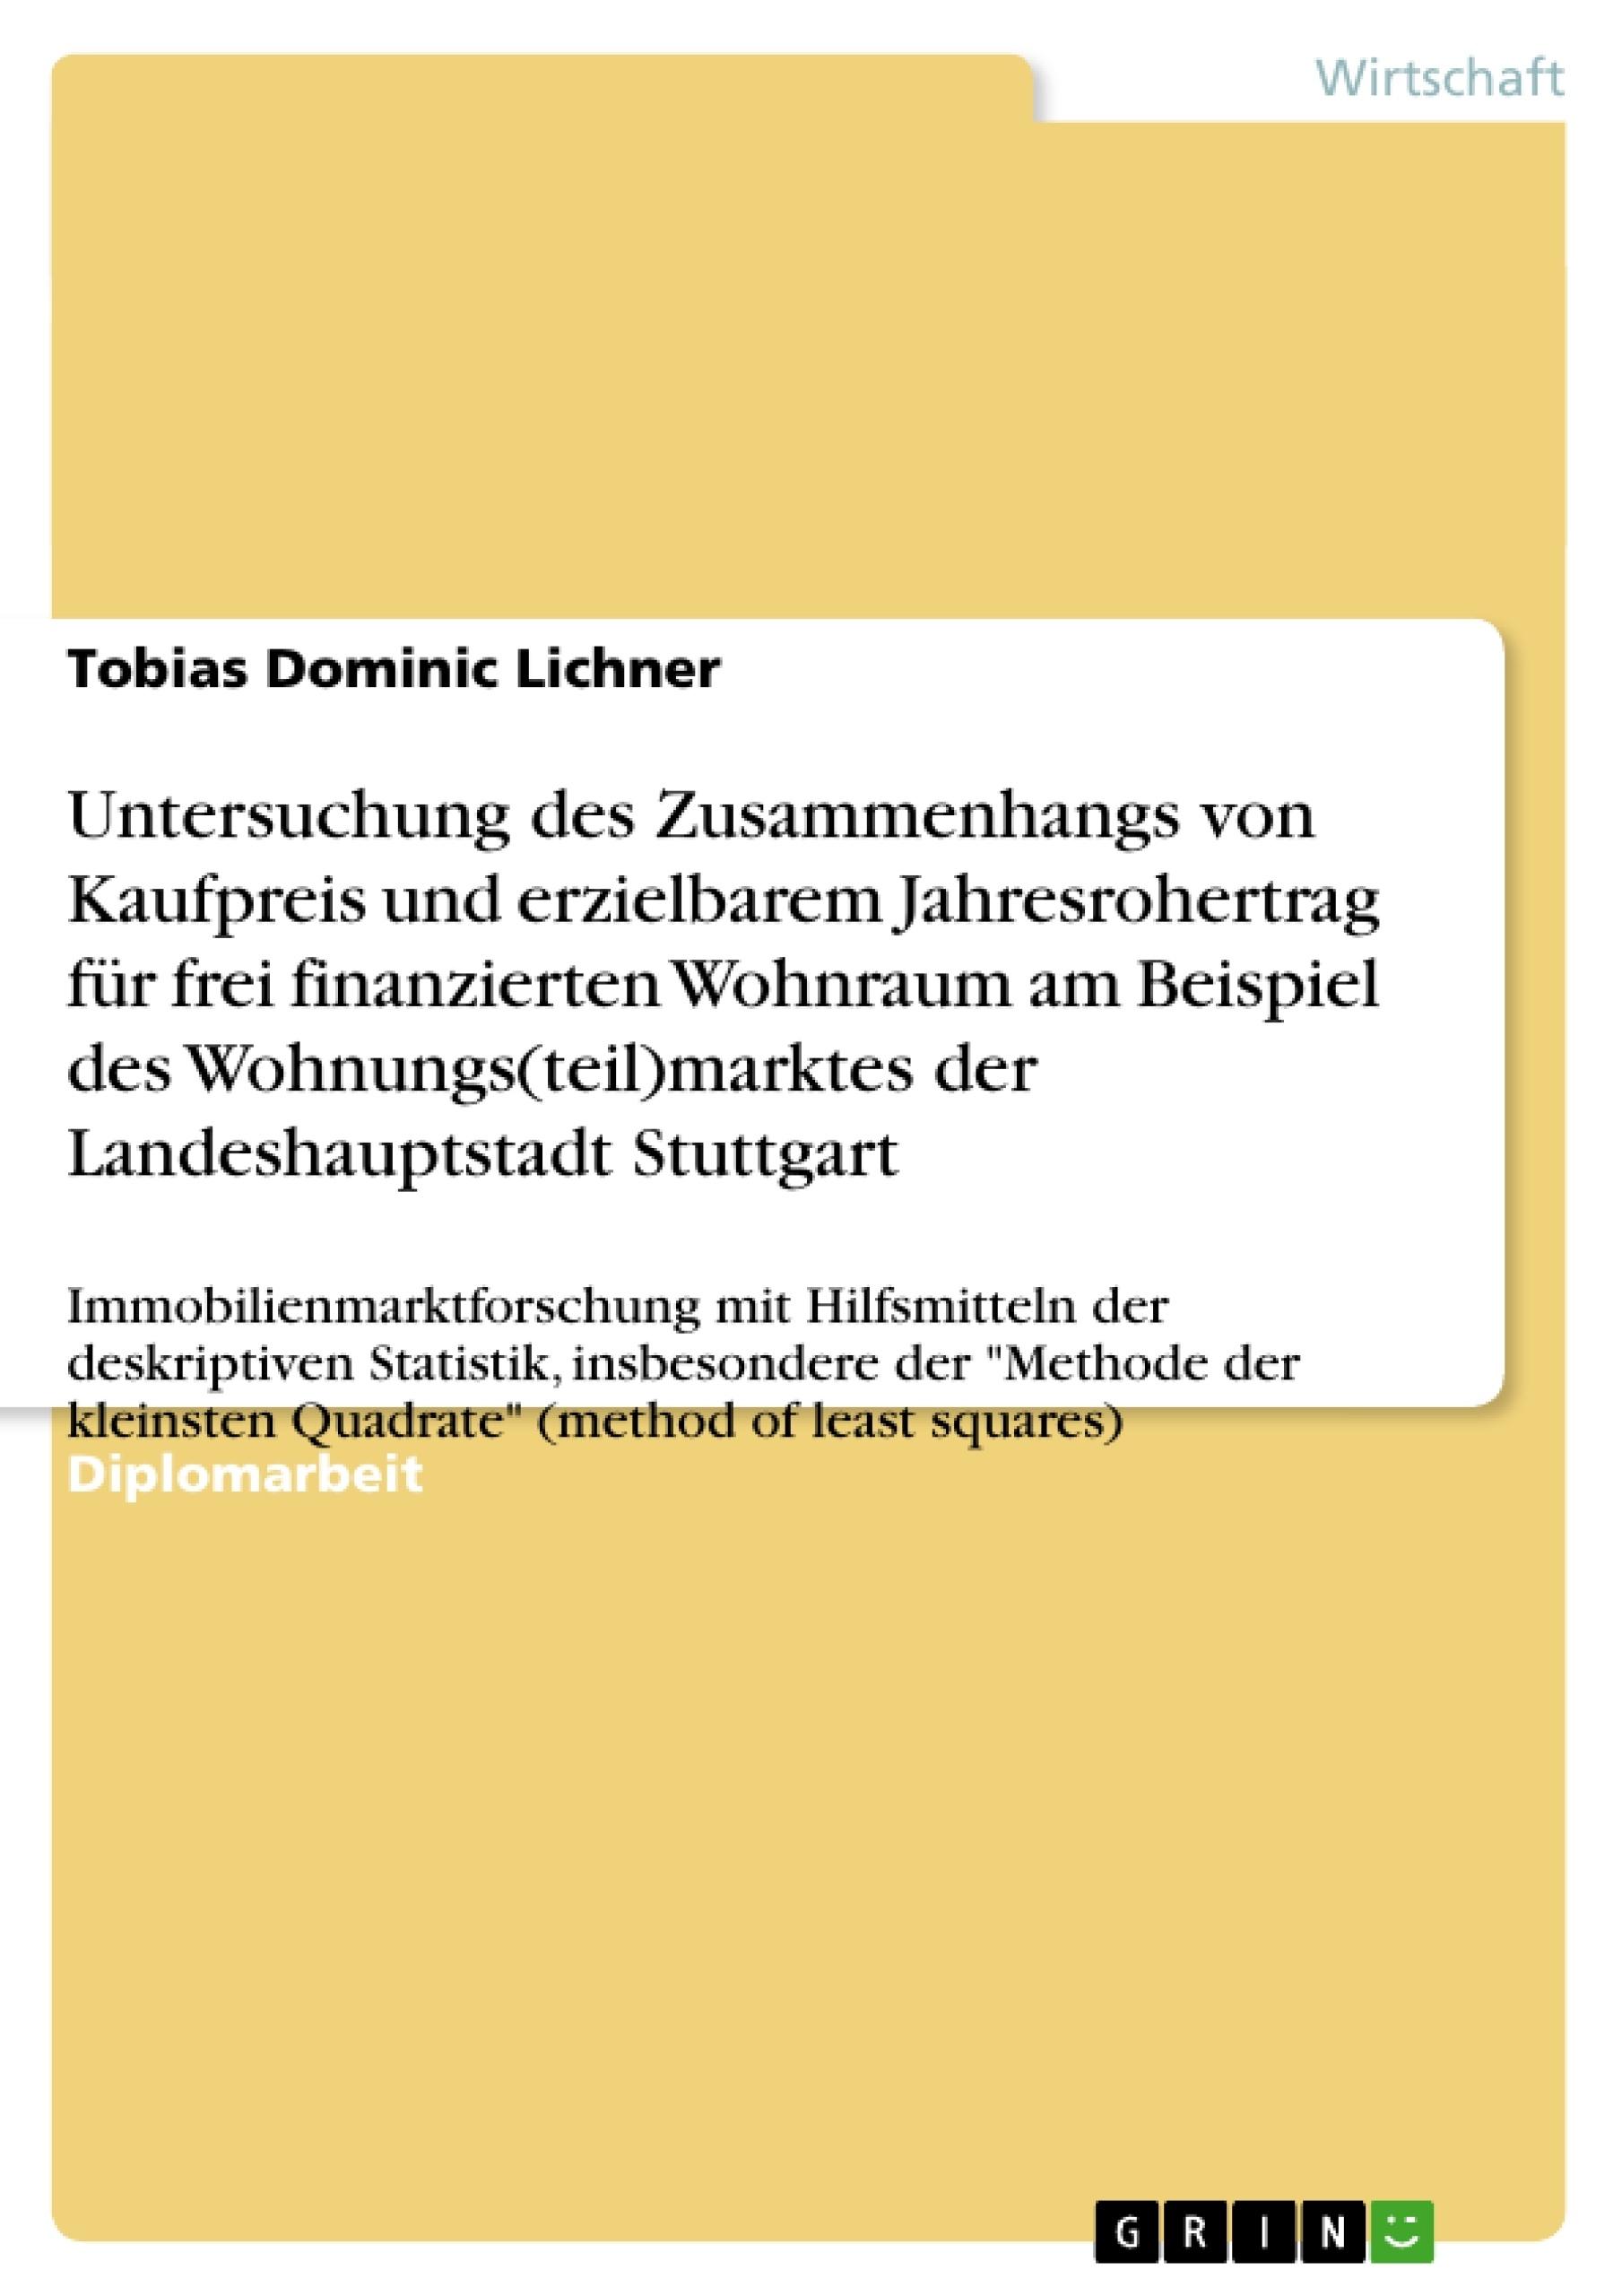 Titel: Untersuchung des Zusammenhangs von Kaufpreis und erzielbarem Jahresrohertrag für frei finanzierten Wohnraum am Beispiel des Wohnungs(teil)marktes der Landeshauptstadt Stuttgart